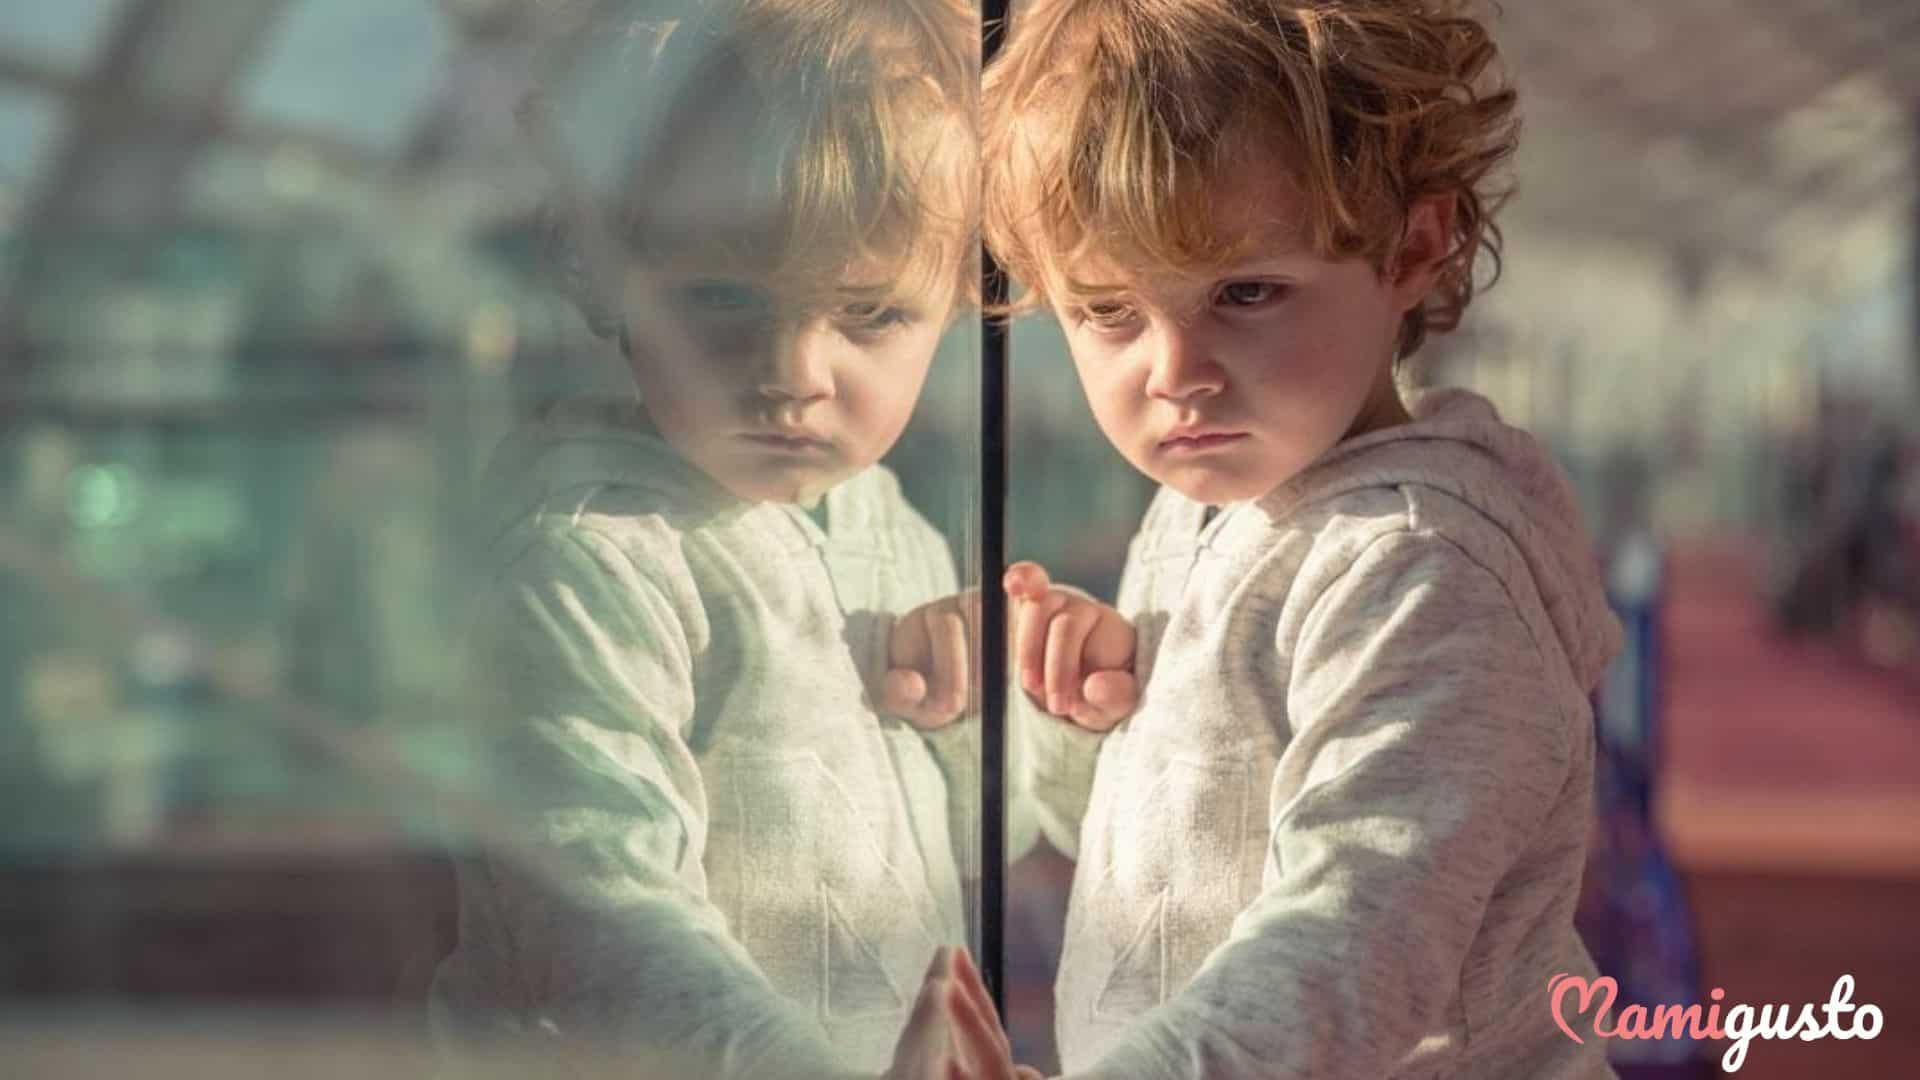 πως θα διαφυλάξουμε την ψυχικη ηρεμία των παιδιών στην πανδημία